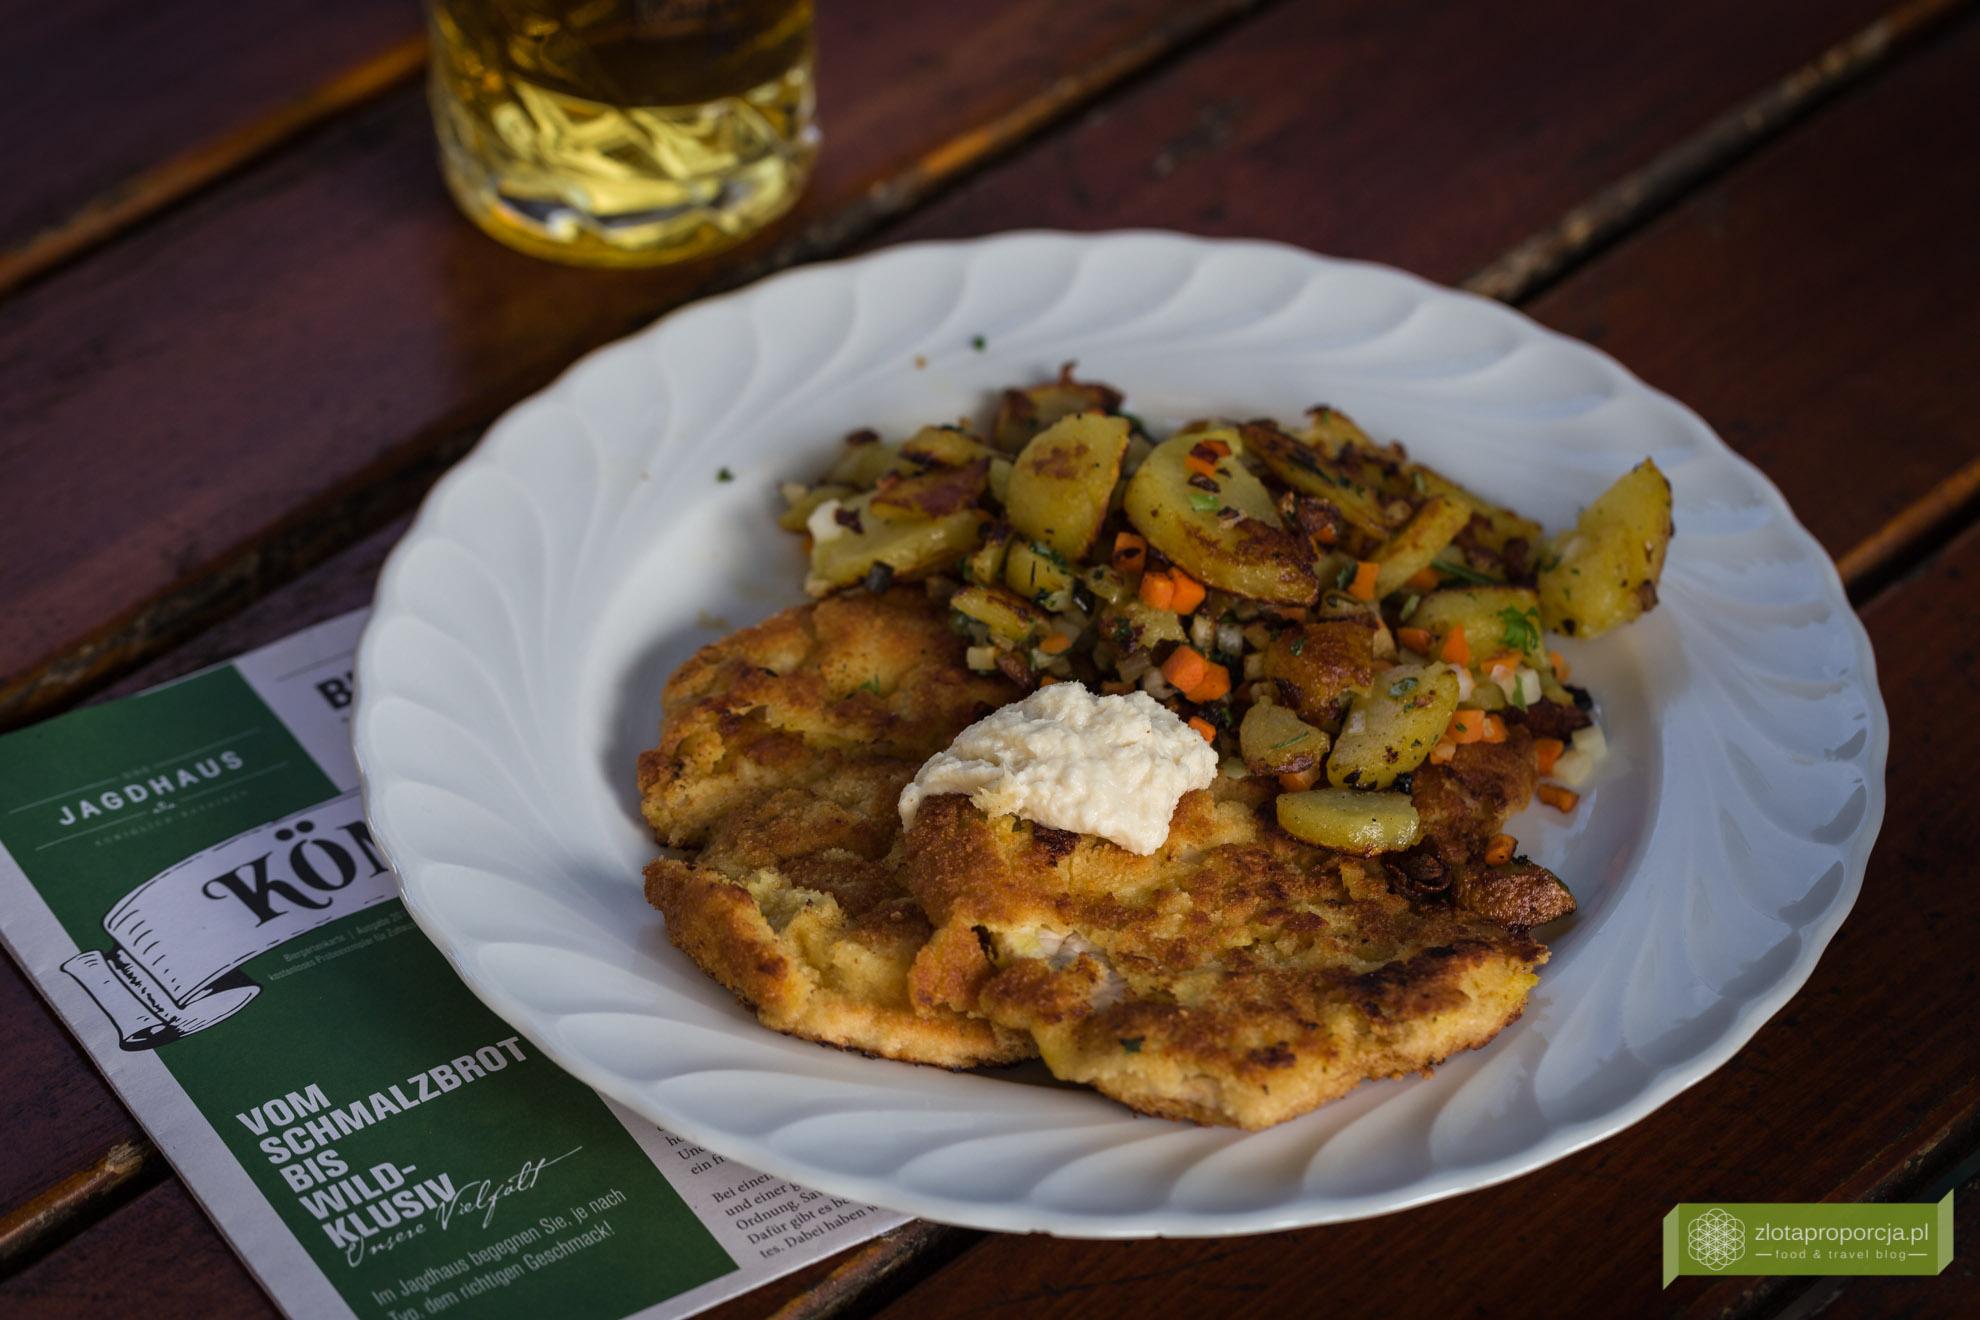 kuchnia bawarska, kuchnia Bawarii, bawarskie potrawy, Bawaria, sznycel po monachijsku, sznycel po bawarsku